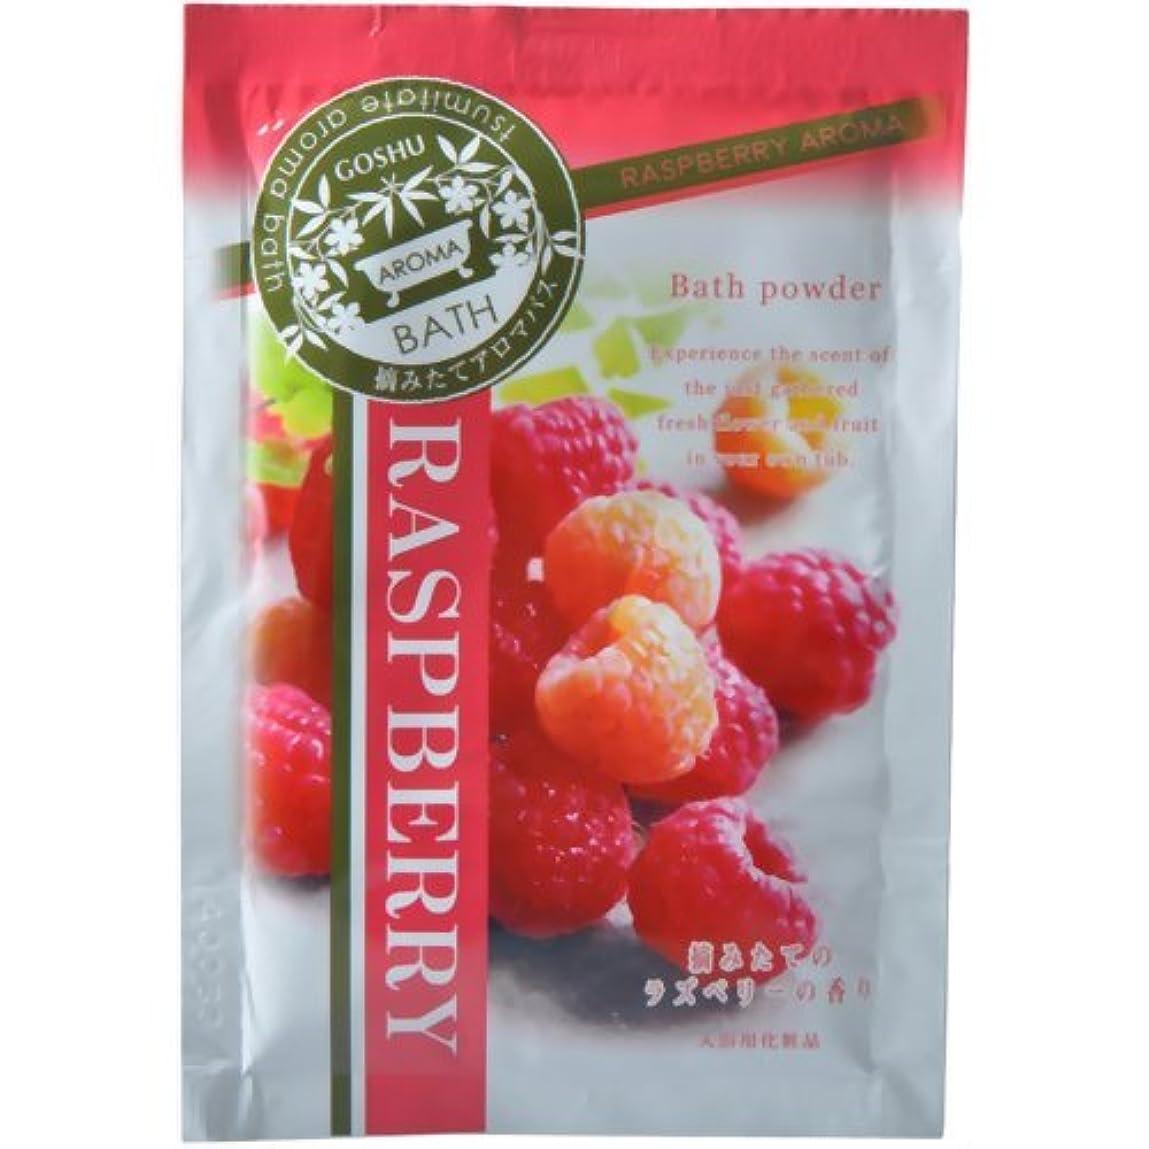 深い異常広大な摘みたてアロマバス 摘みたてラズベリーの香り 25g(入浴剤)